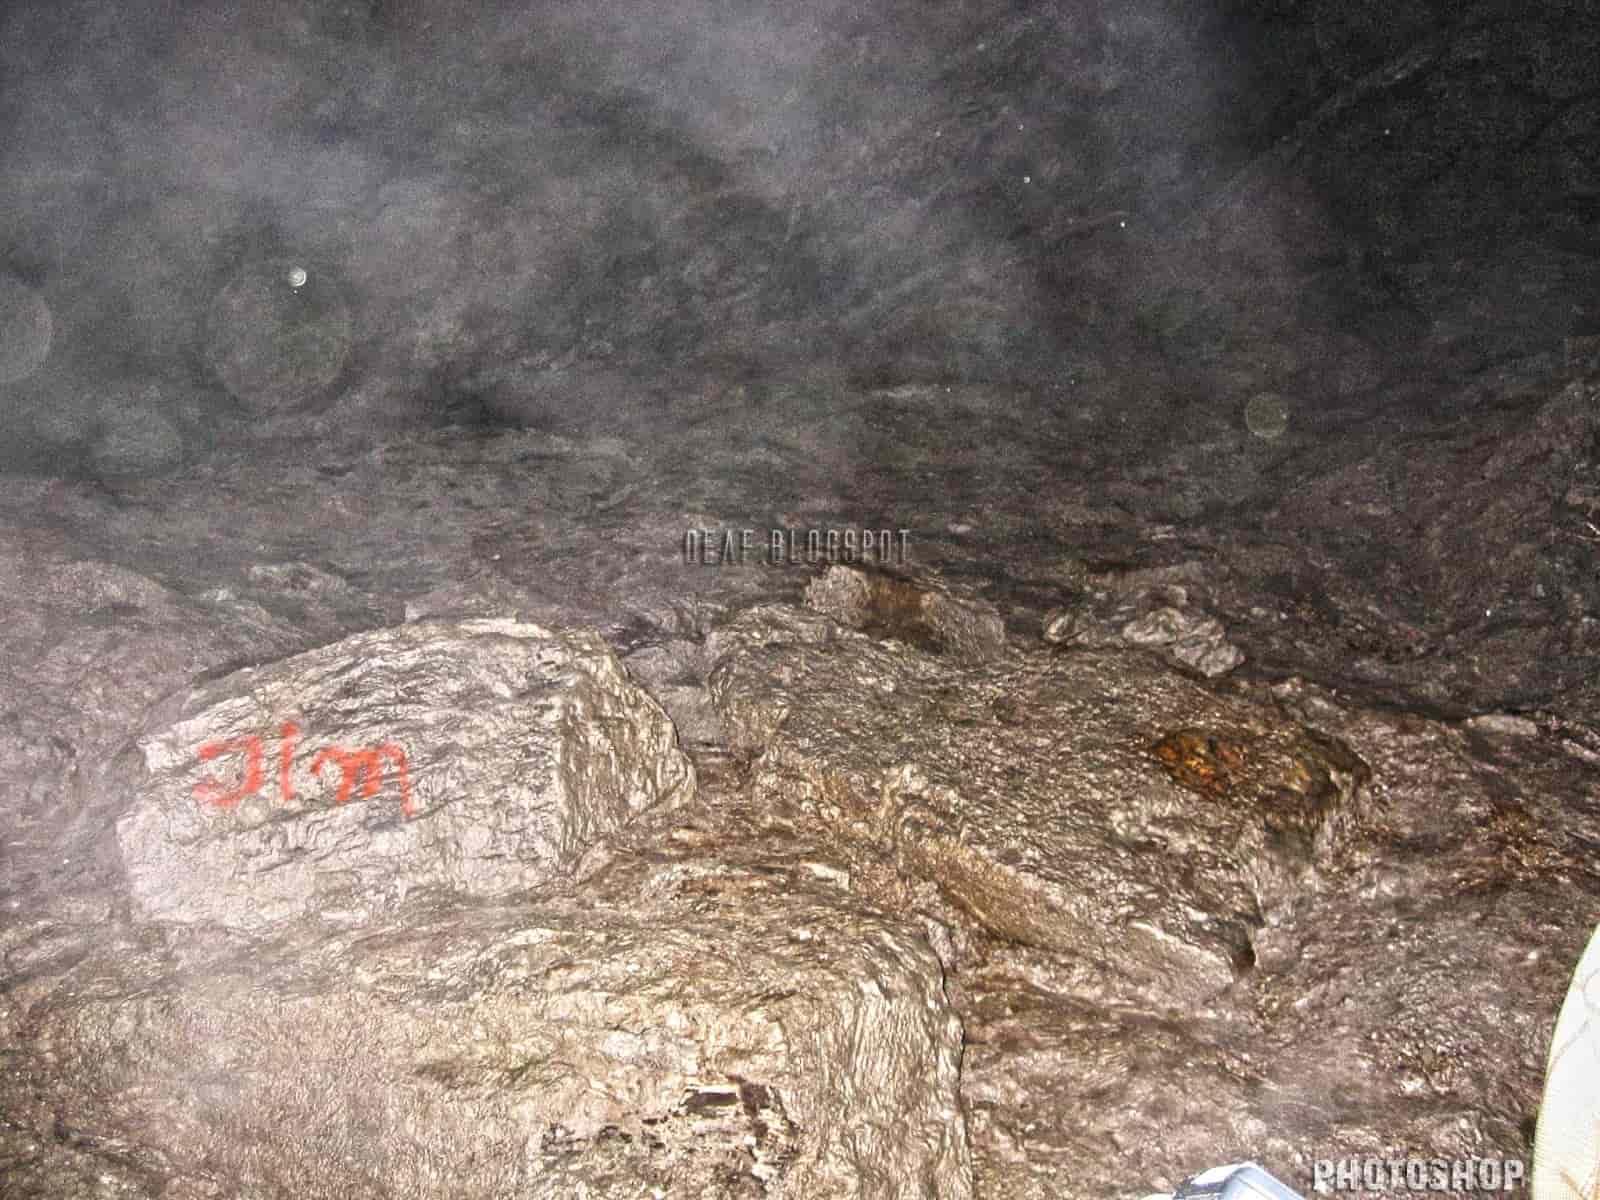 Τι Υπάρχει και Ζει Μέσα στο Σπήλαιο της Πεντέλης (εκπληκτικές φωτογραφίες και video) - Εικόνα24